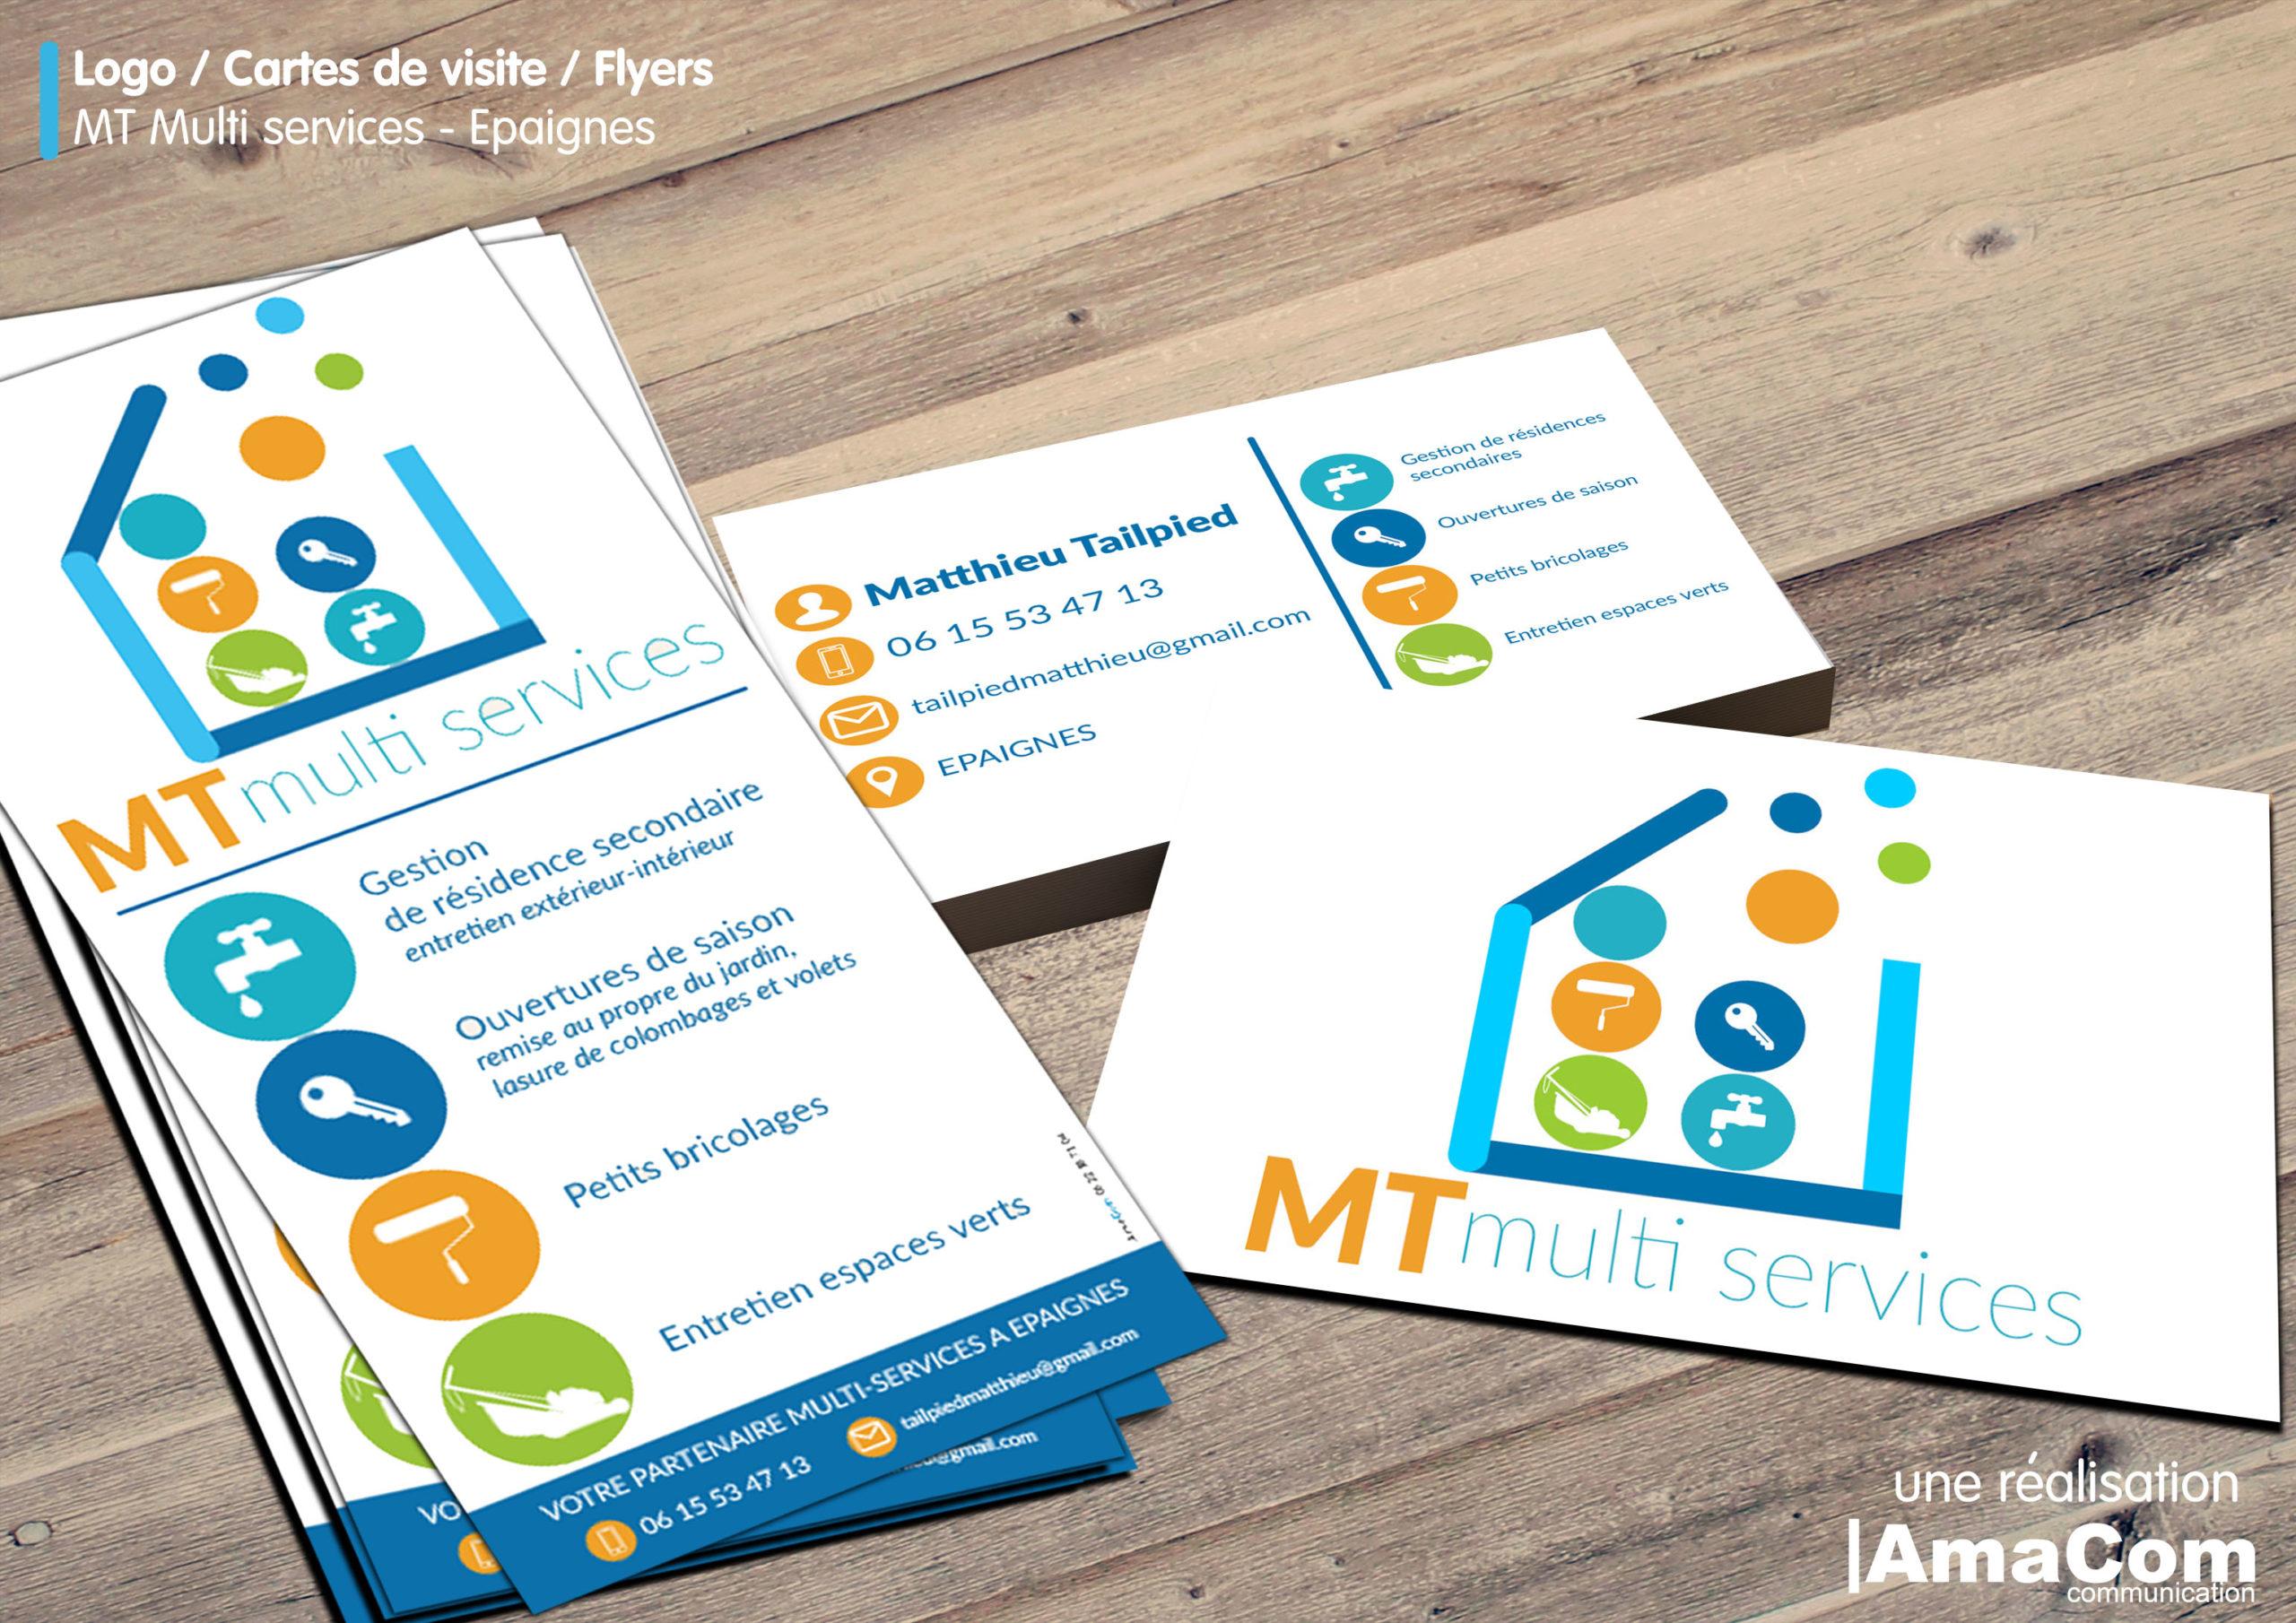 communication globale logo carte de visite flyer mt multiservice à Epaignes Eure Normandie